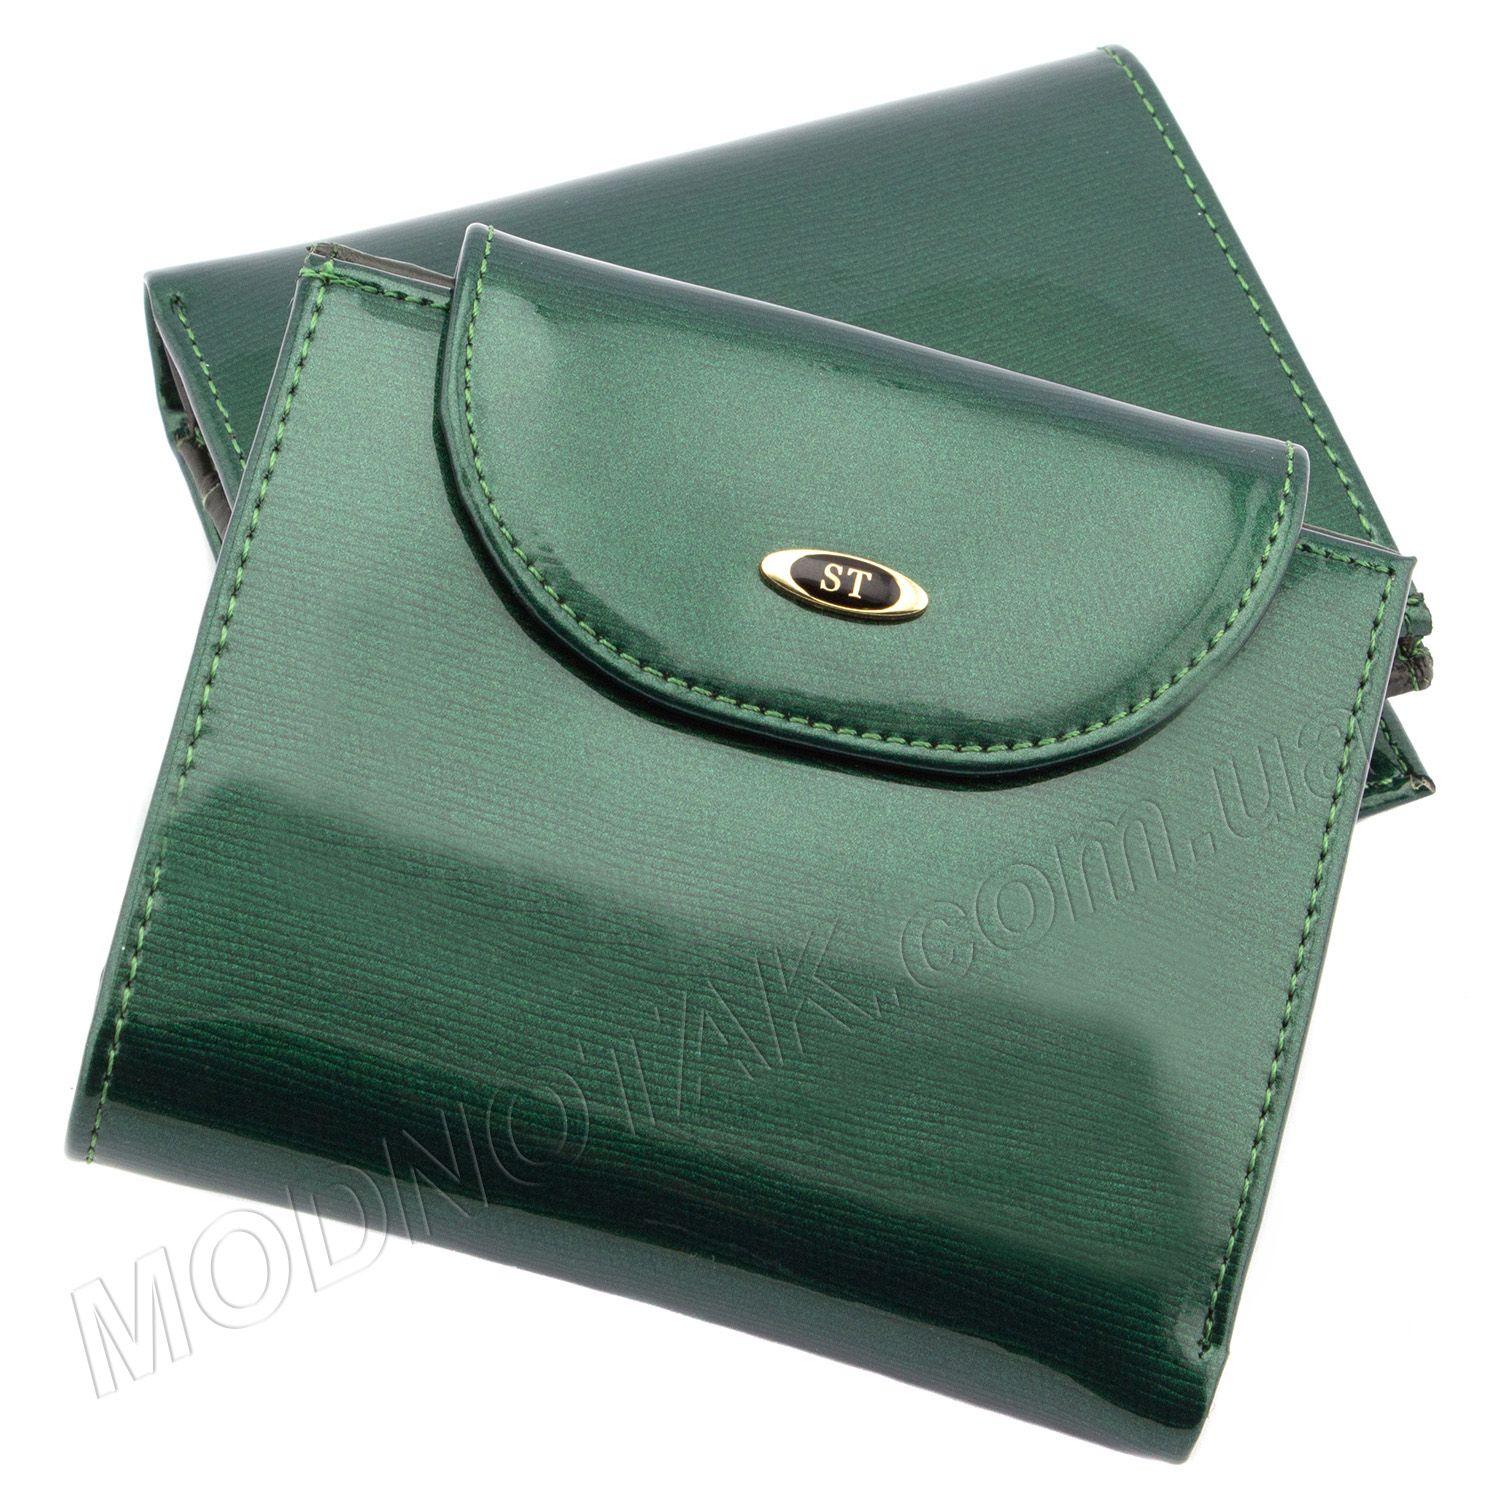 86540fd1574c Кожаный лакированный женский кошелек зеленого цвета. Женские кошельки  недорого в ...